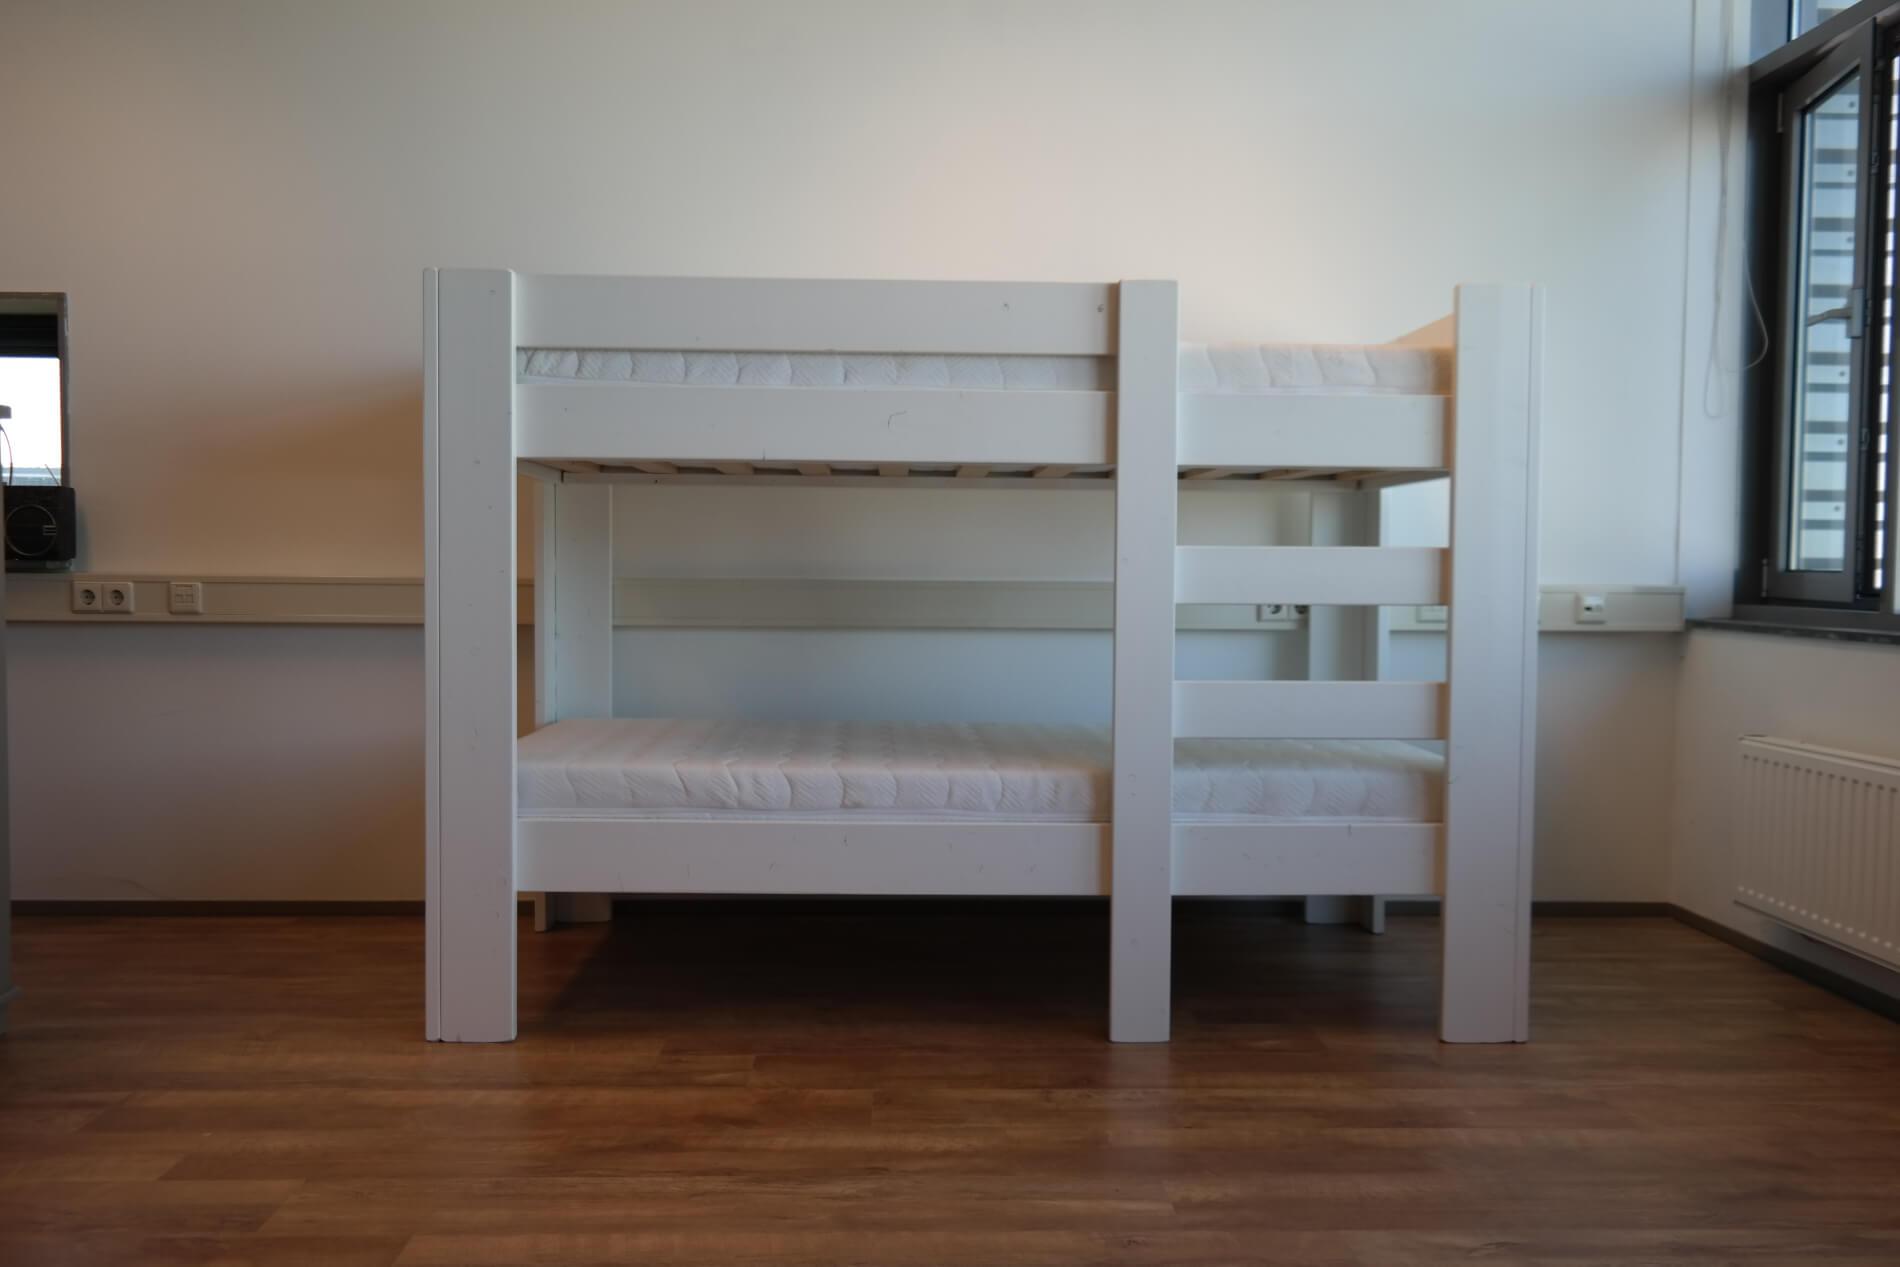 Kajuitbed Pijnakker - AvA meubelen